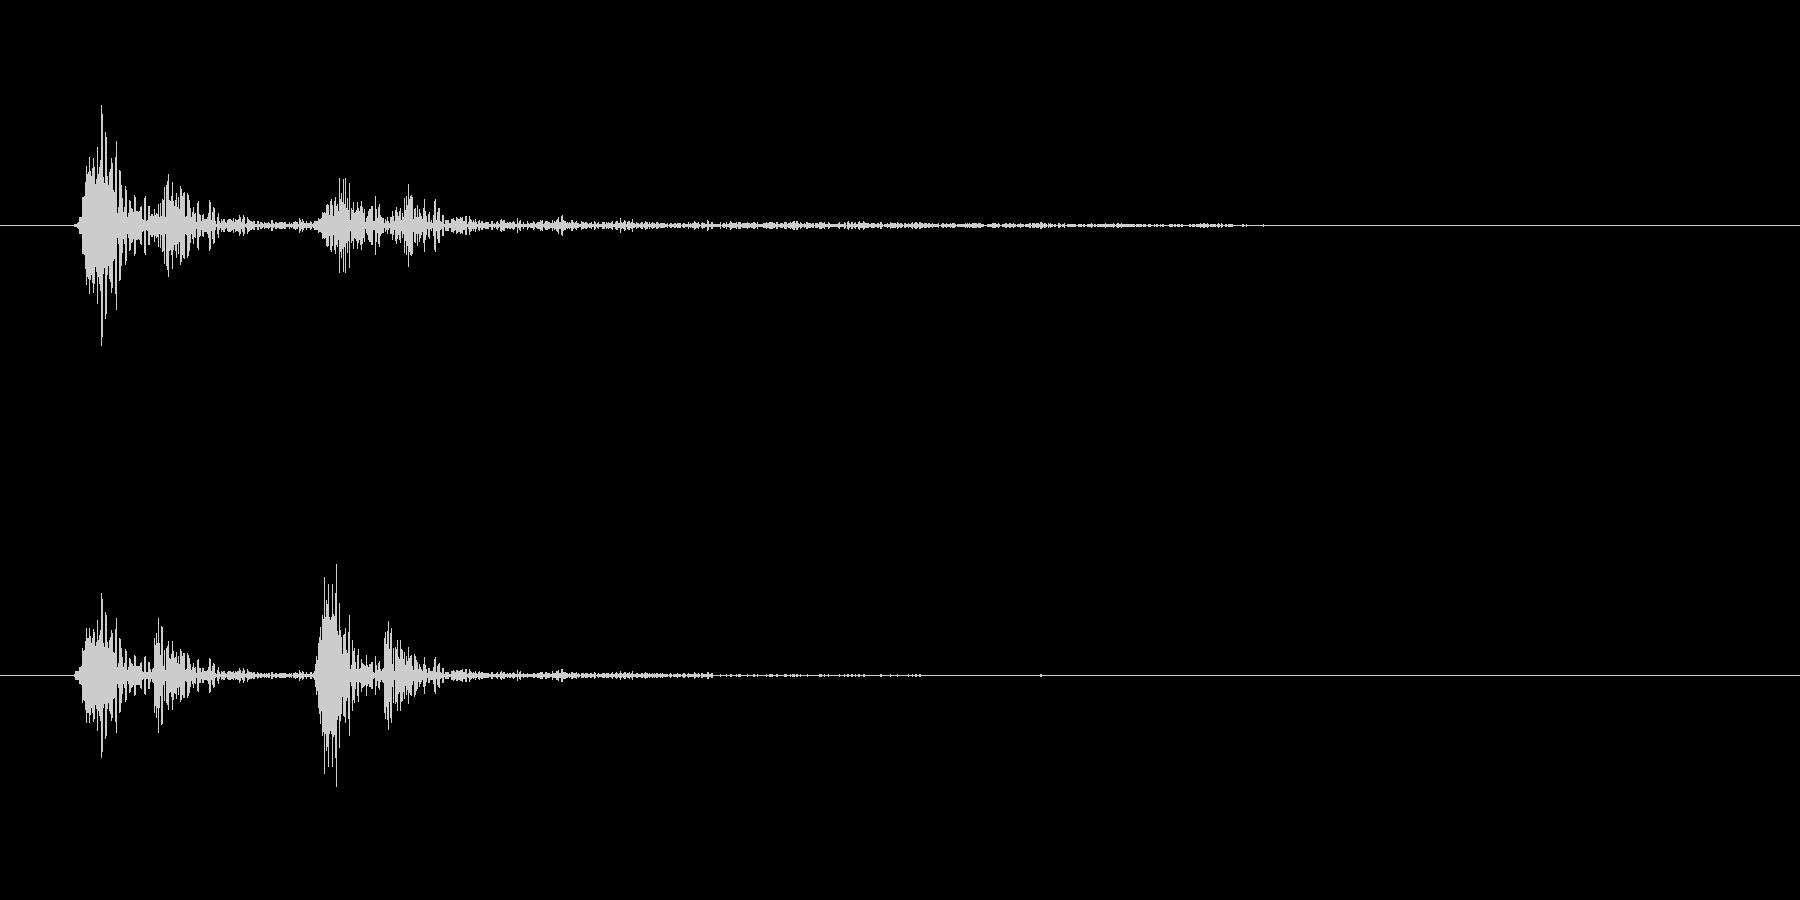 カチという蓋をする機械音の未再生の波形